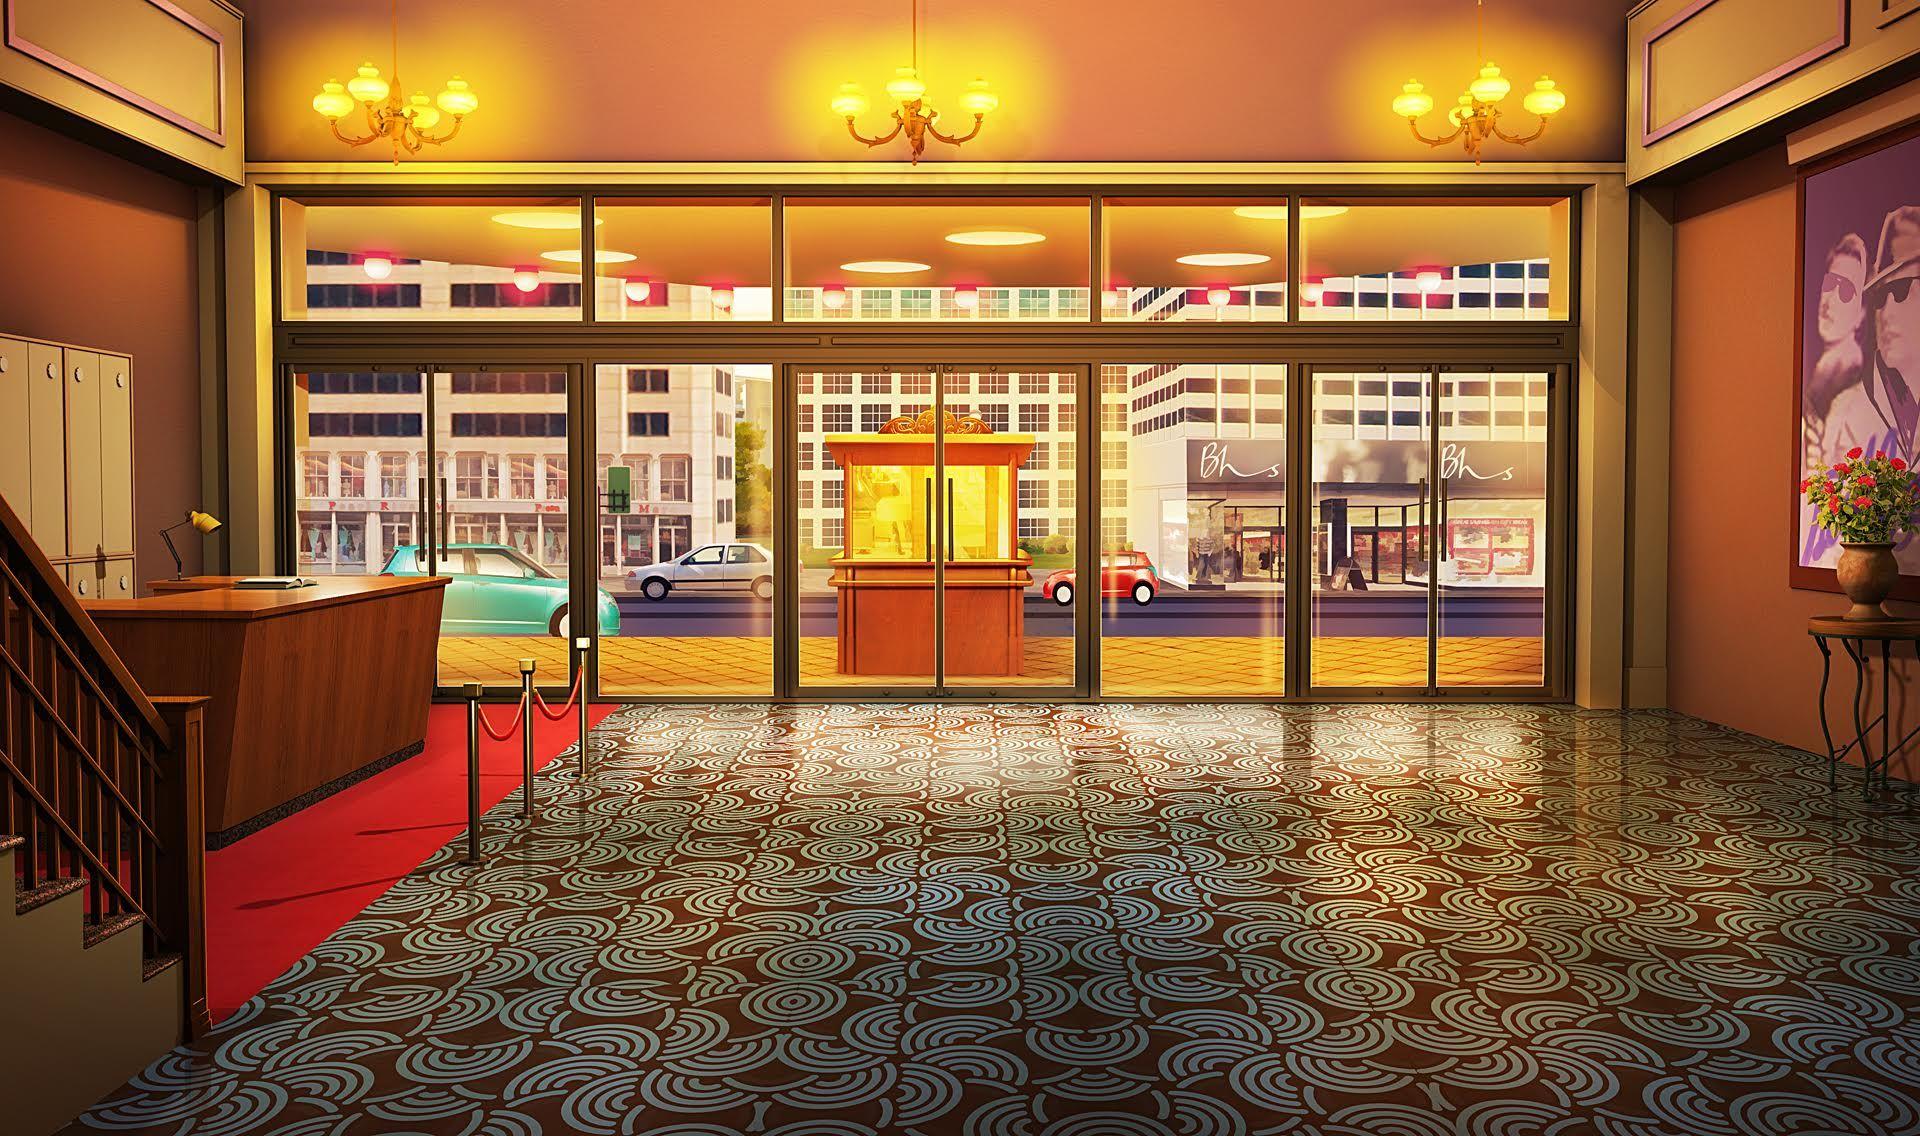 Int Theater Lobby Night Cenario Anime Fundo Para Video Fundo De Animacao